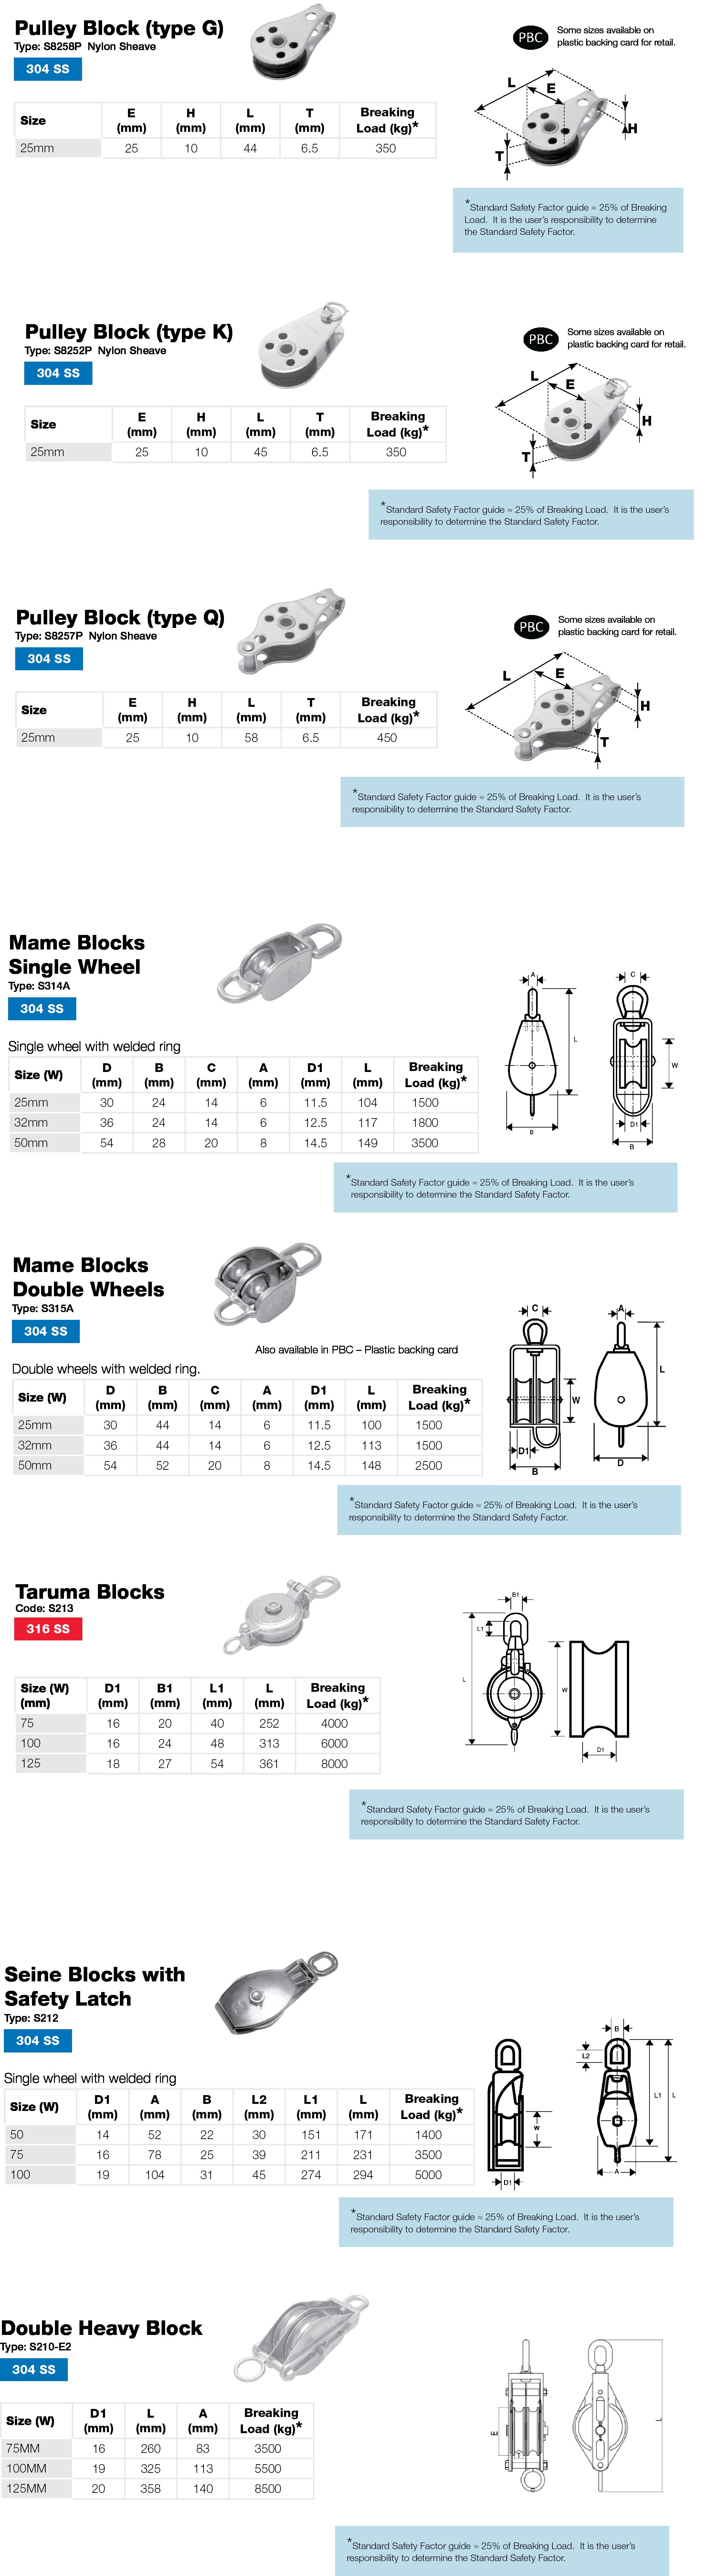 Stainless Marine Block Performance Data